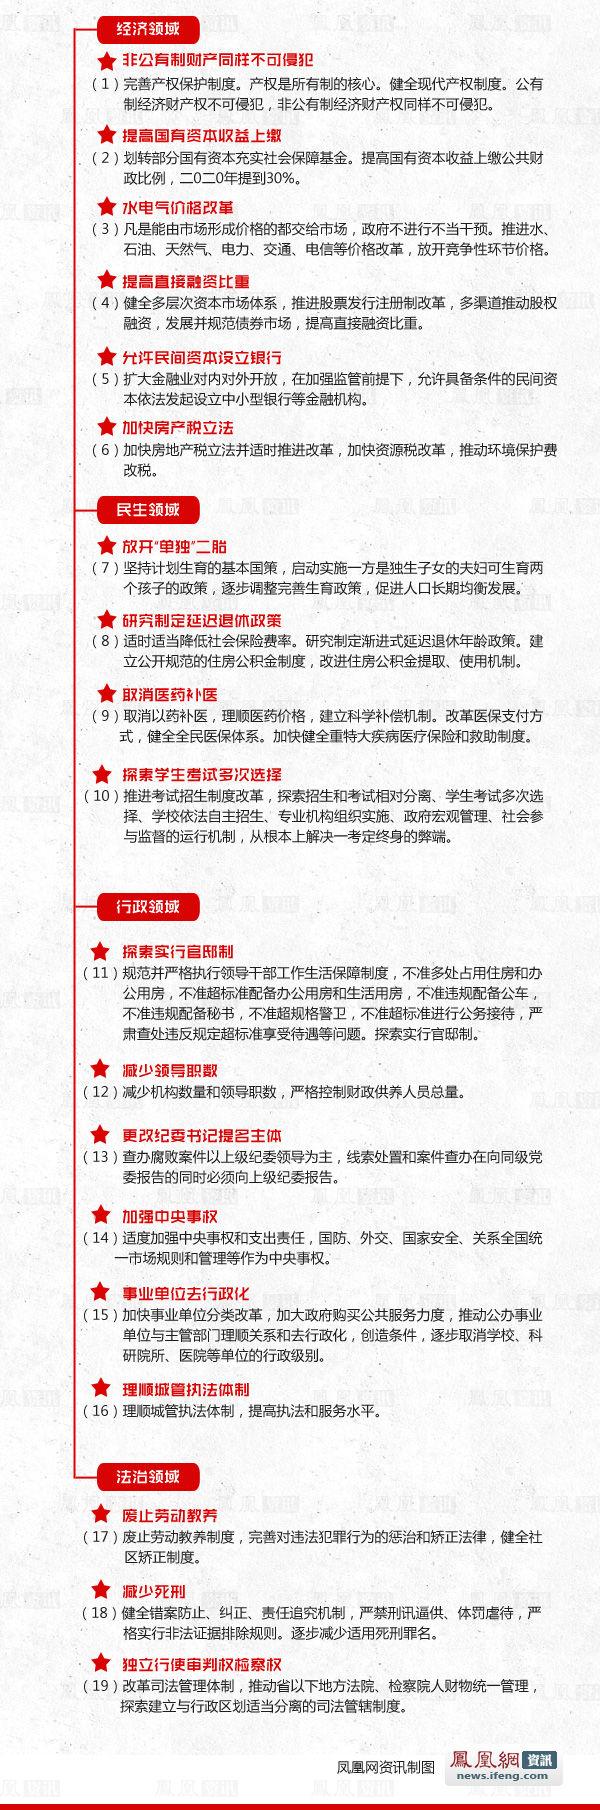 图解 中央全面深化改革决定全文  - 逍遥客 - 逍遥客